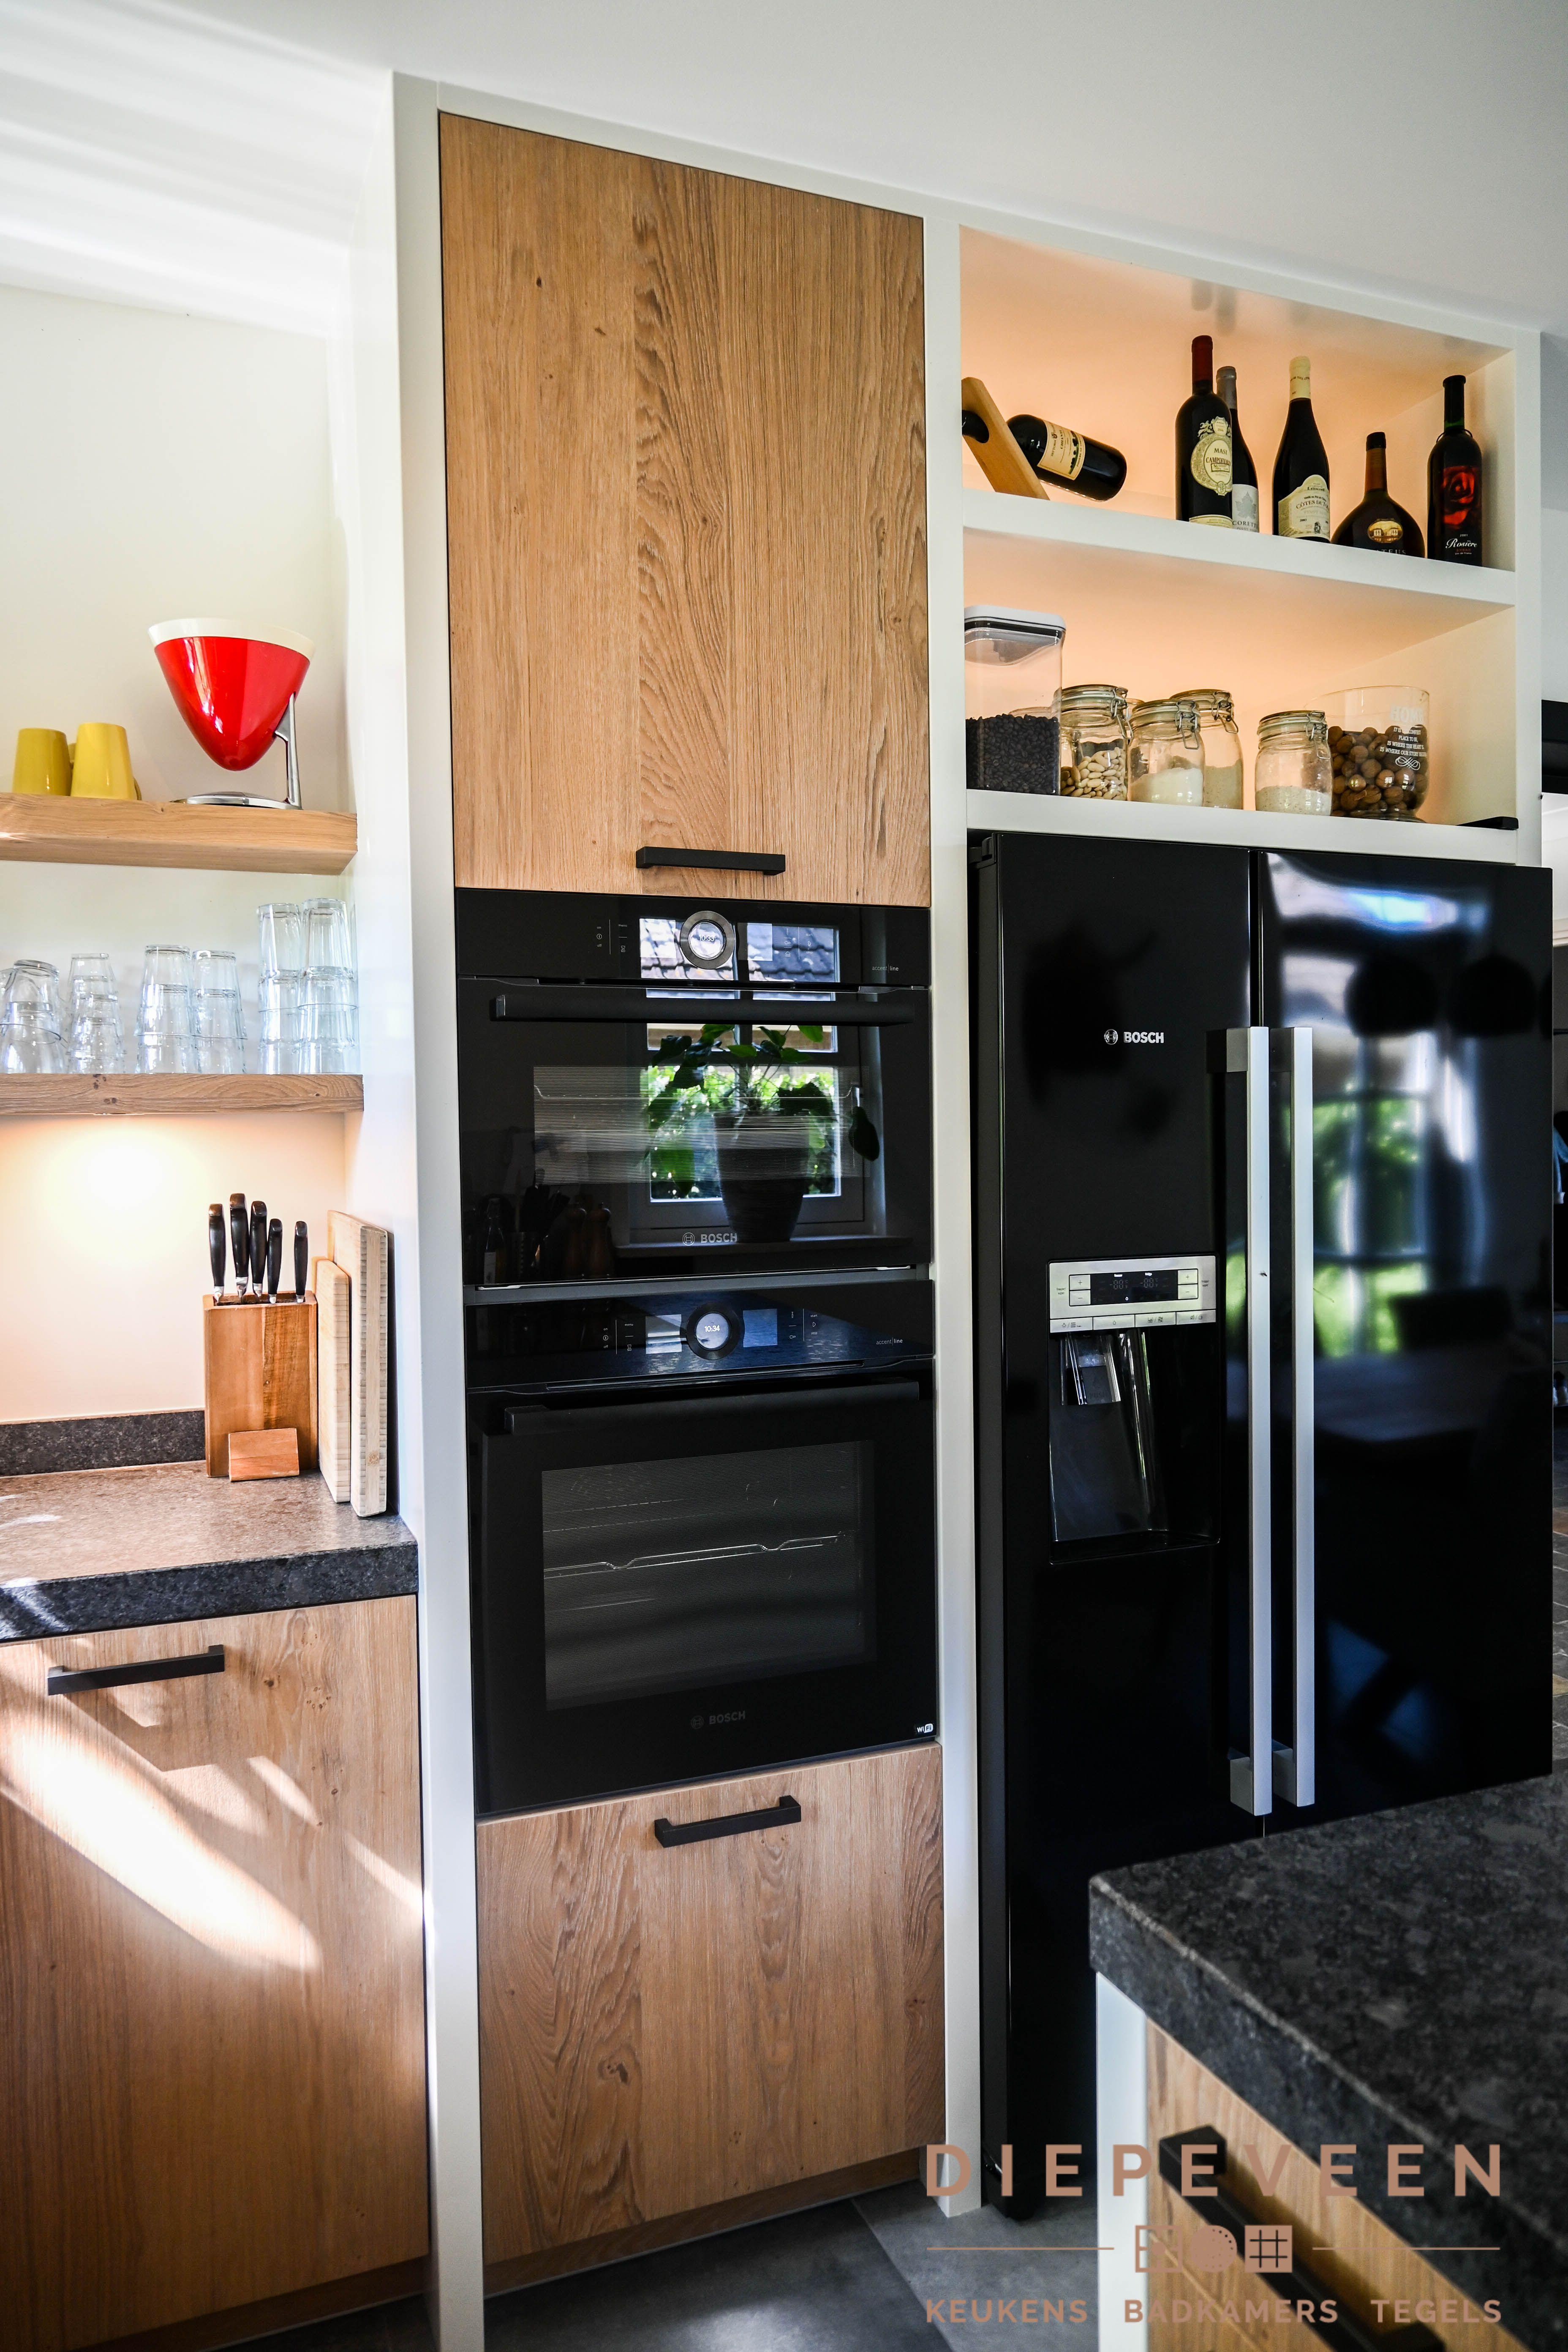 Oven En Oven Met Stoomfunctie Keuken Keukens Keuken Showroom